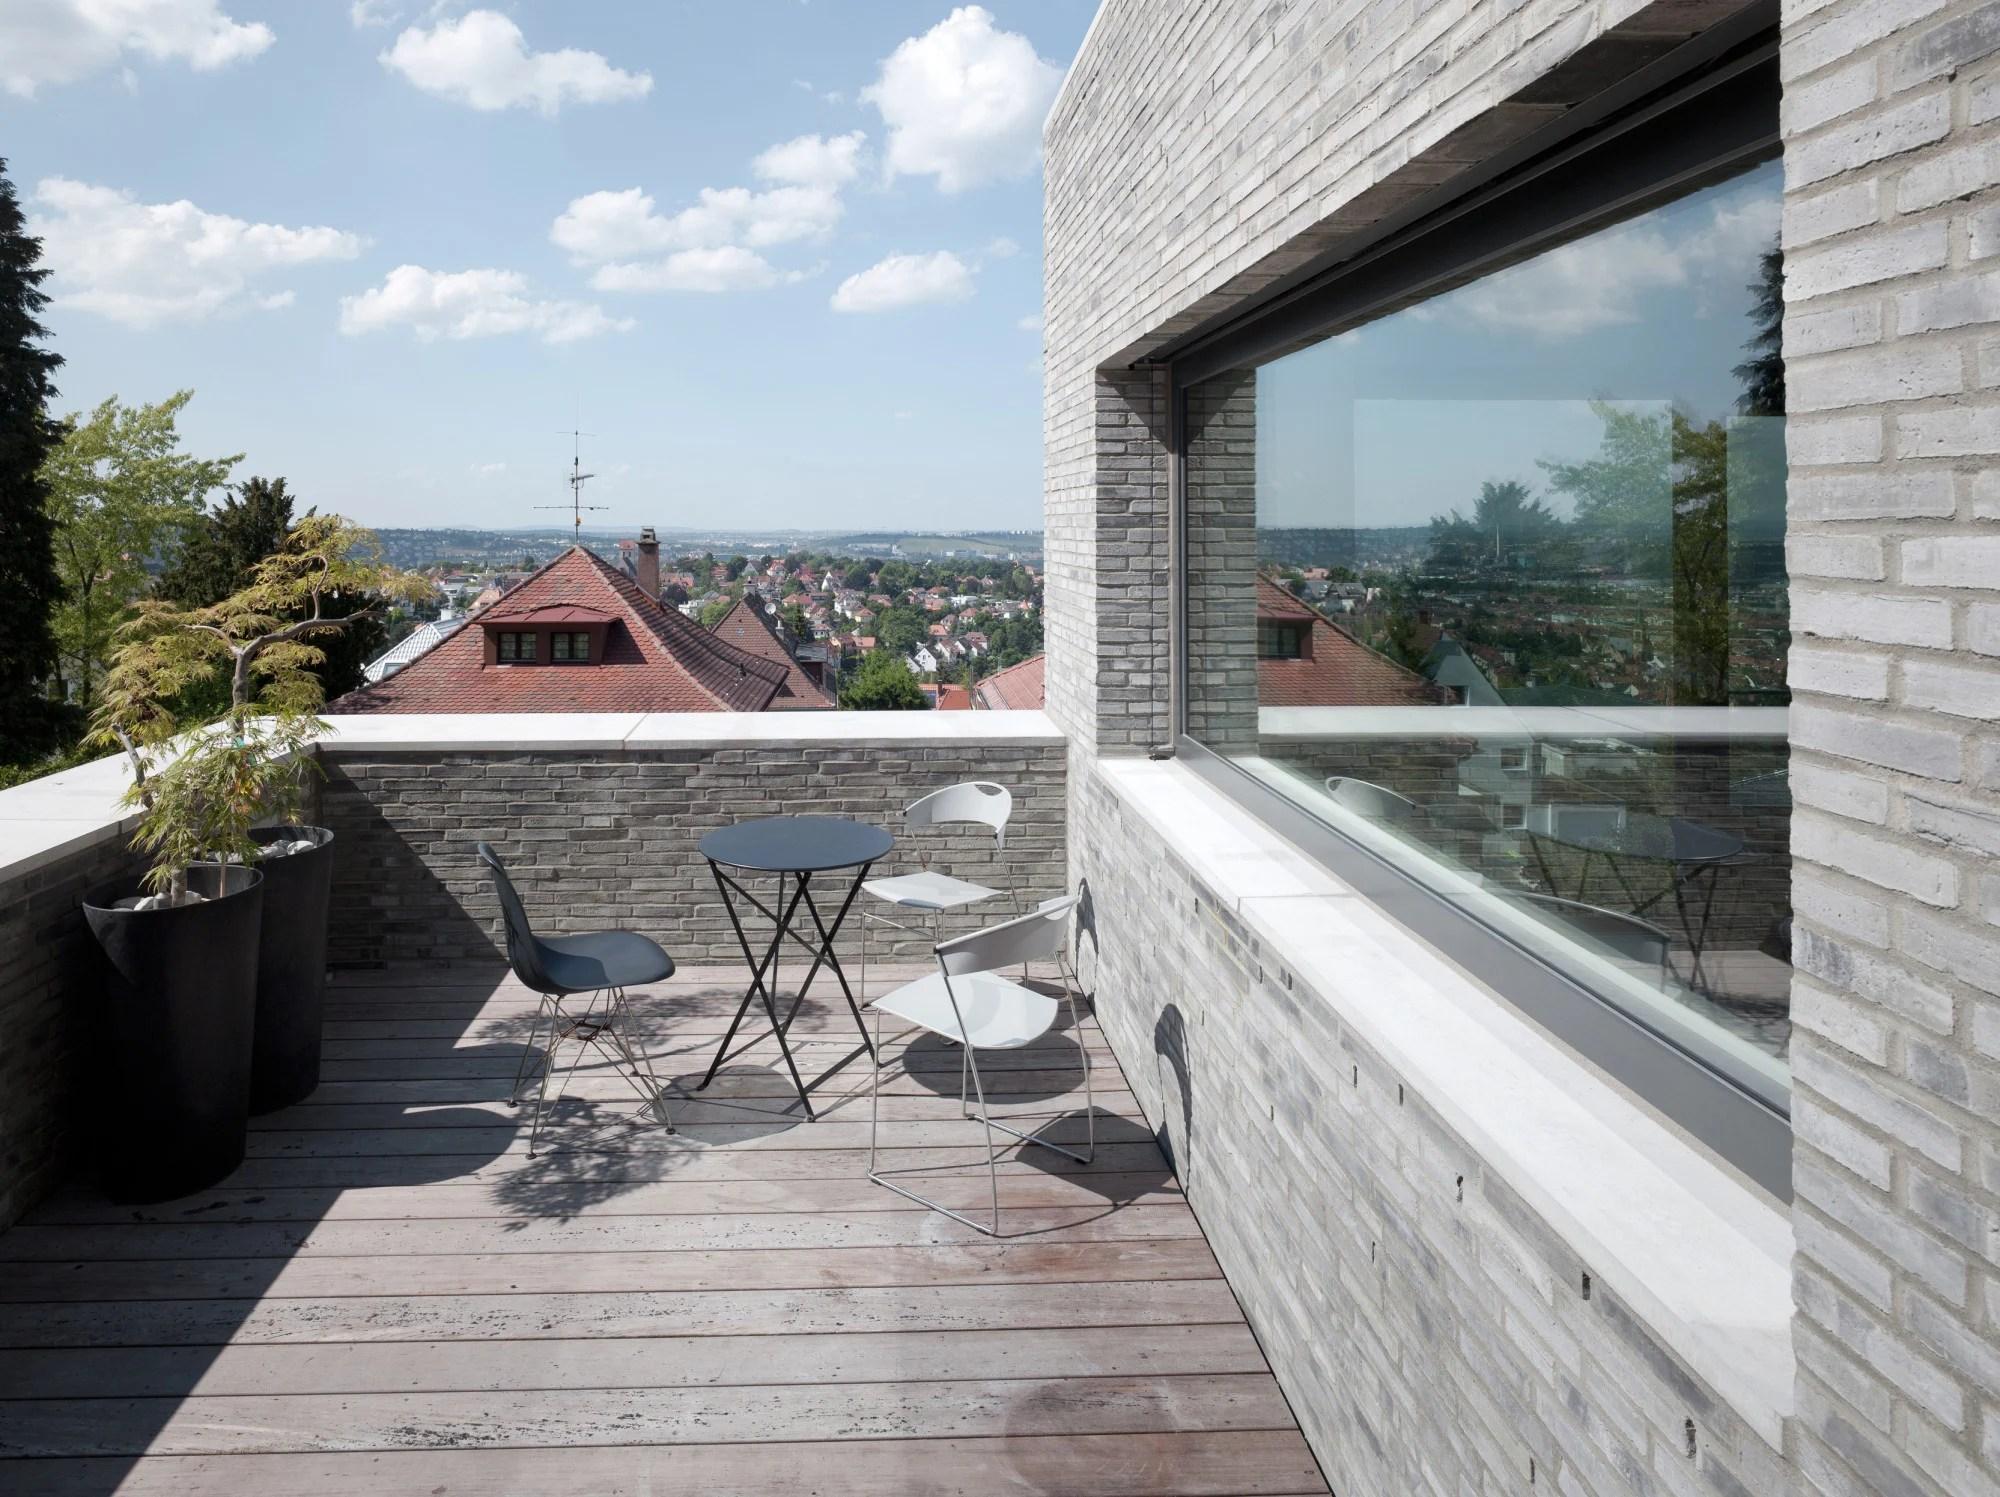 Balkongelander Gemauert Balkon Das Schmuckstuck Am Haus Aus